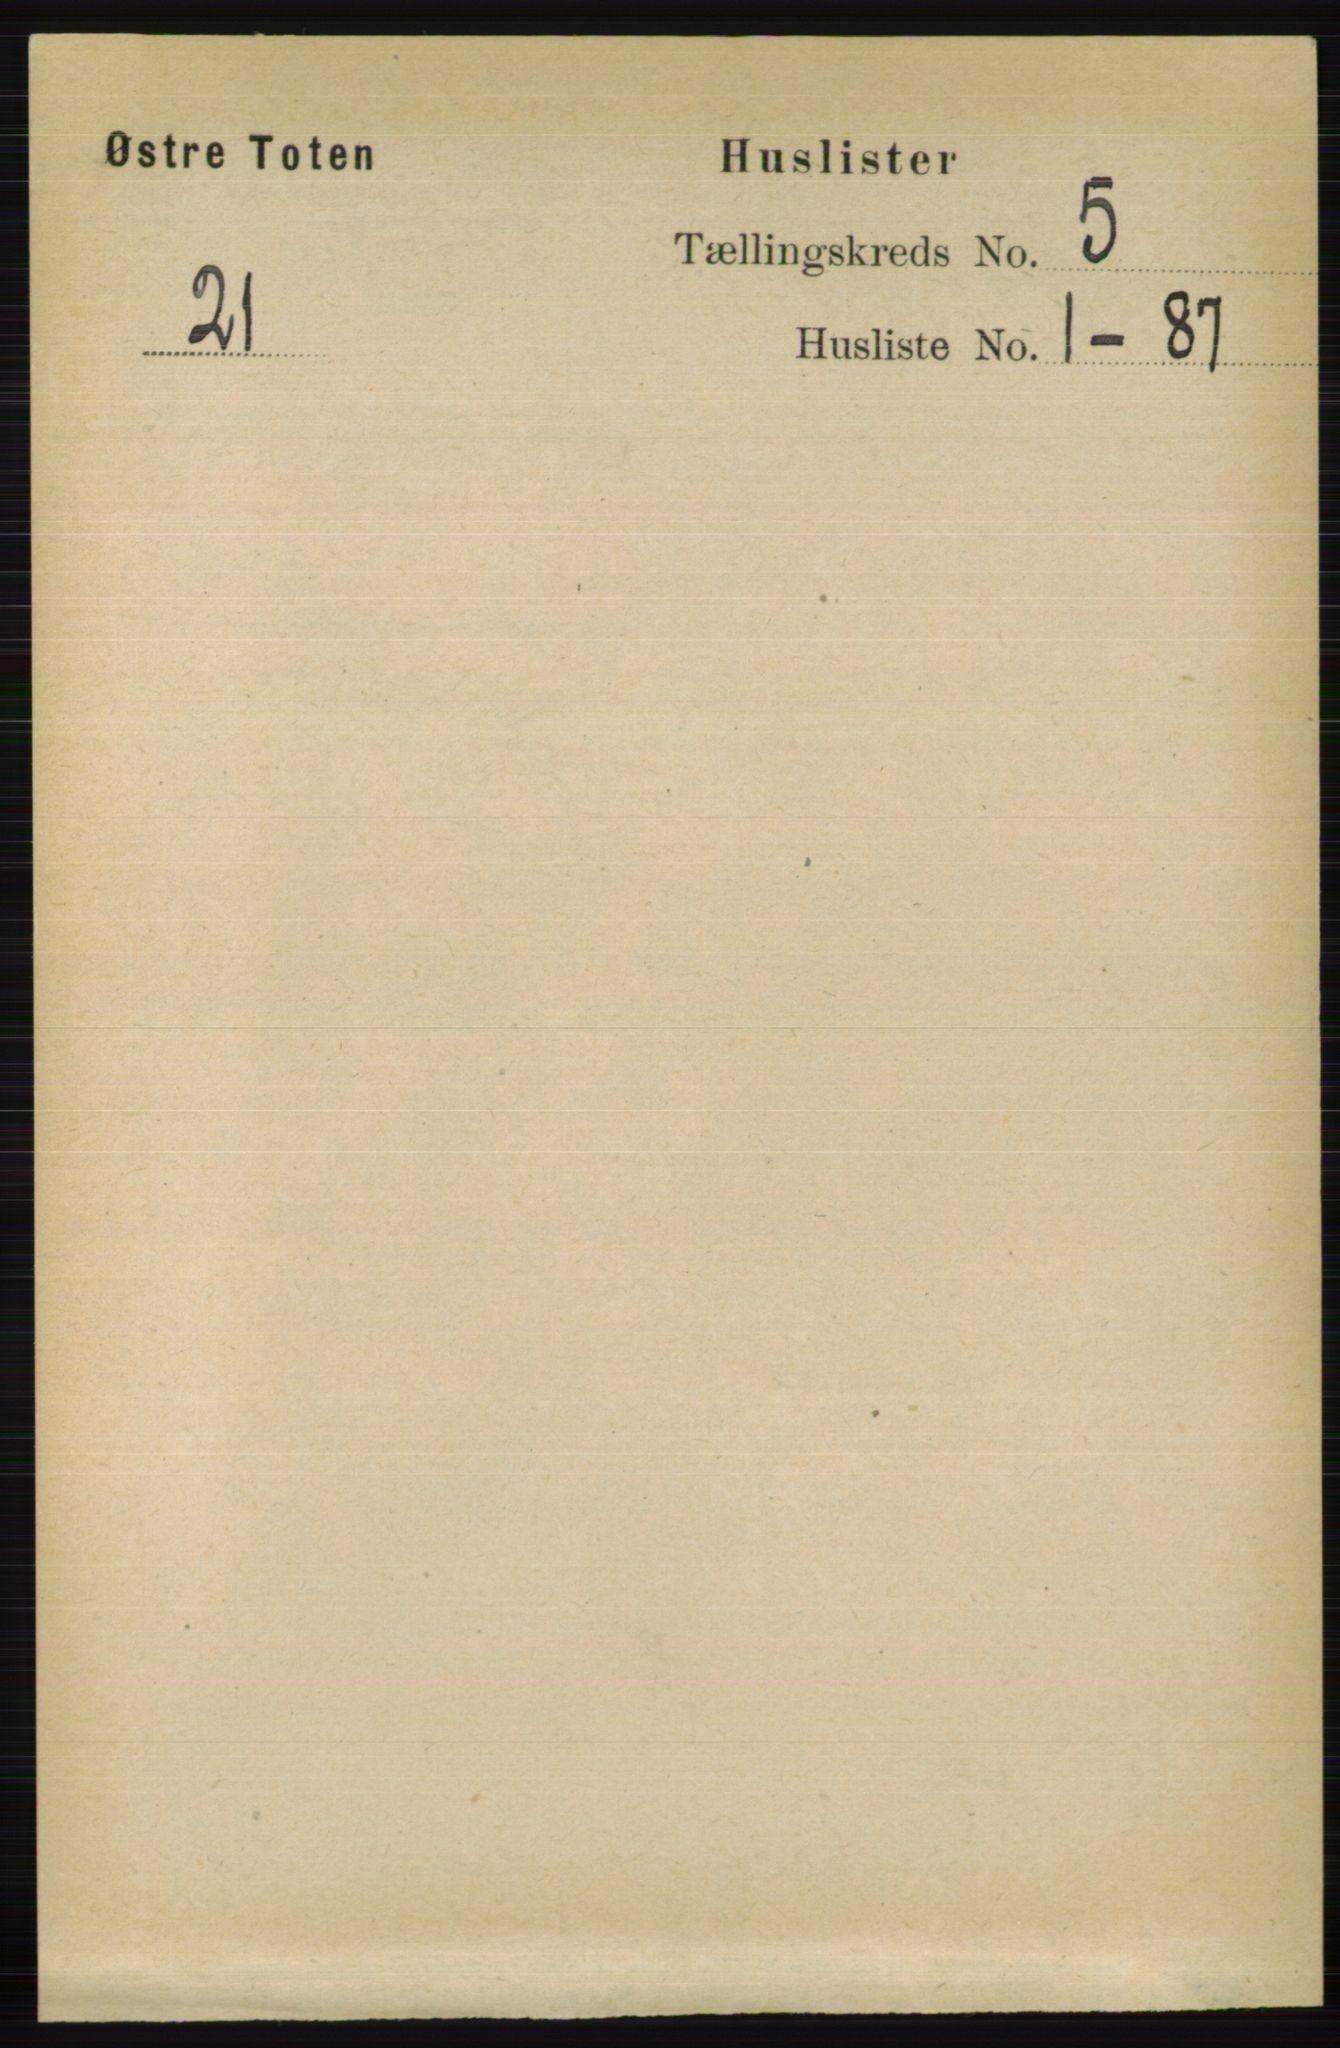 RA, Folketelling 1891 for 0528 Østre Toten herred, 1891, s. 3087